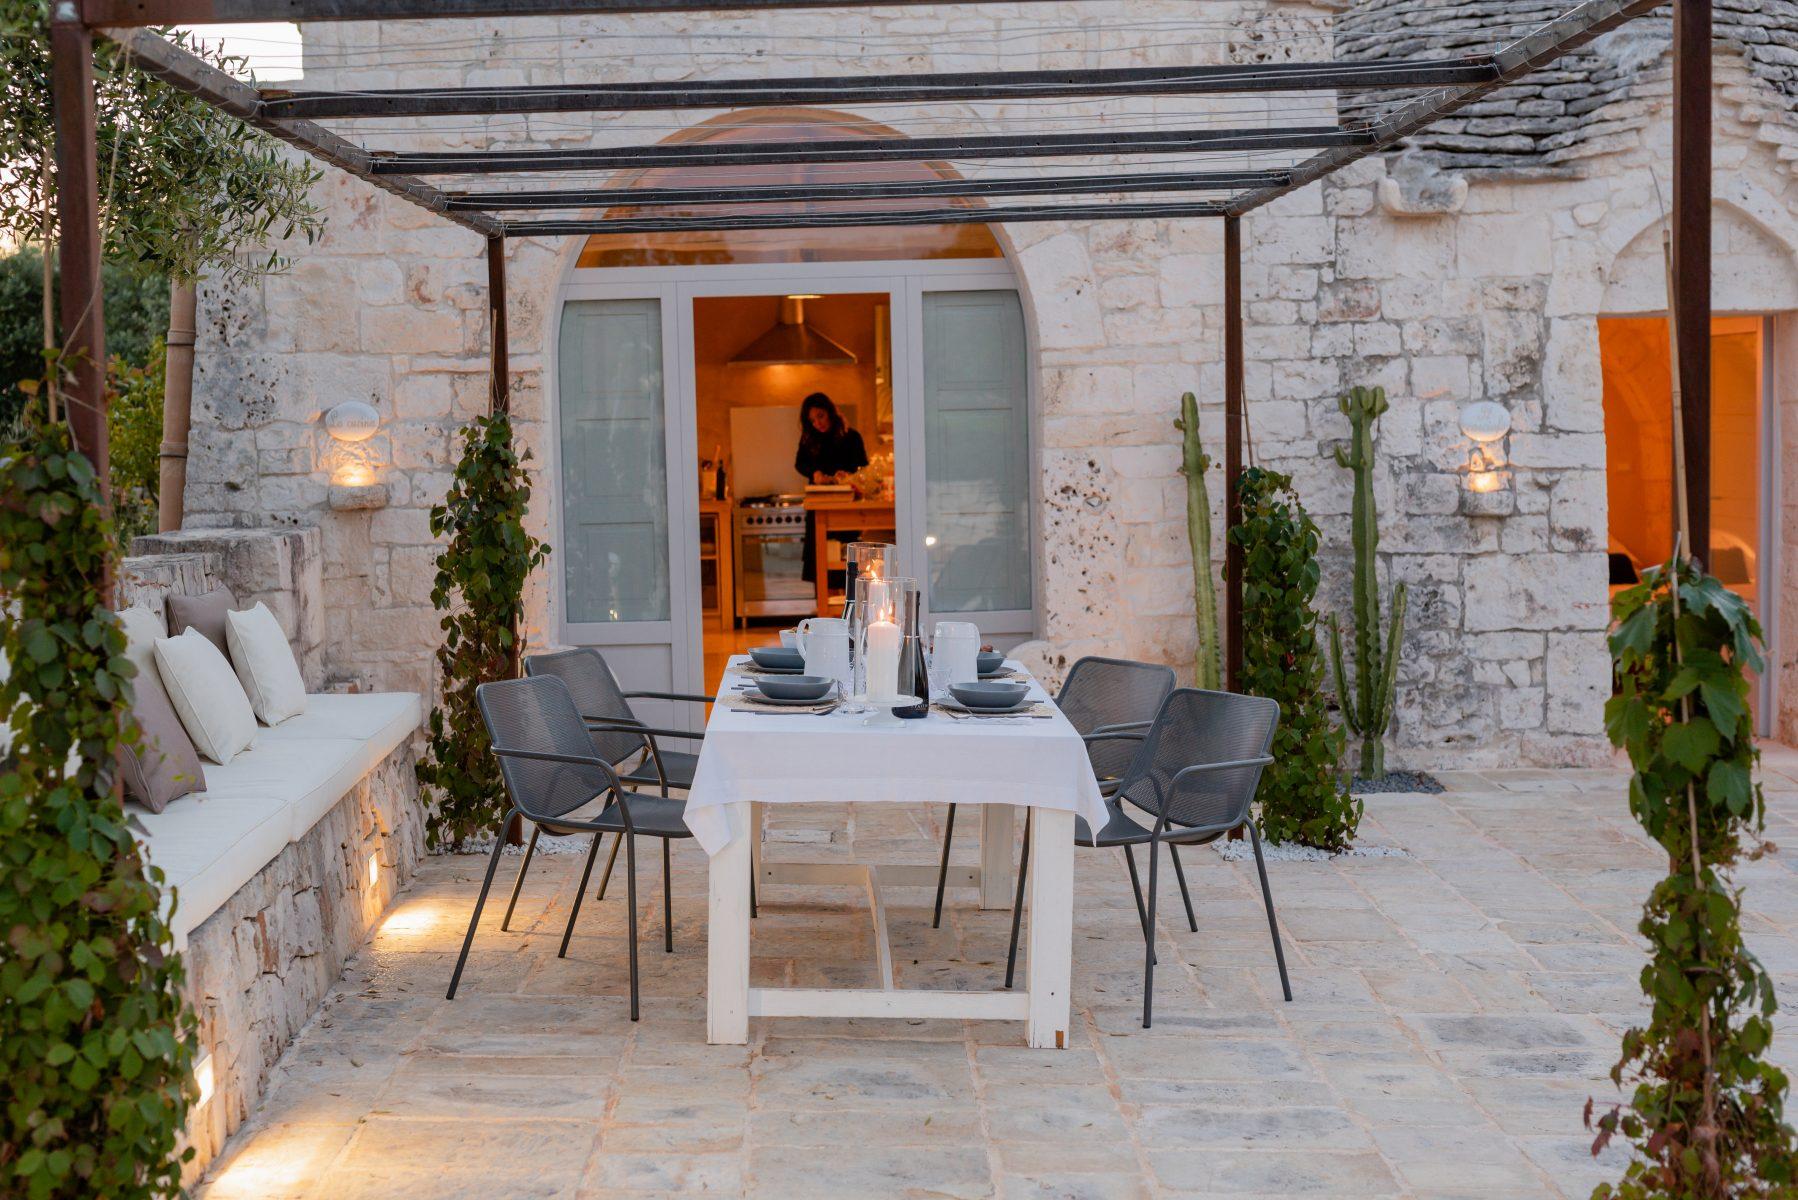 image 14 - outdoor - Dimora dei Gelsi Alberobello Puglia